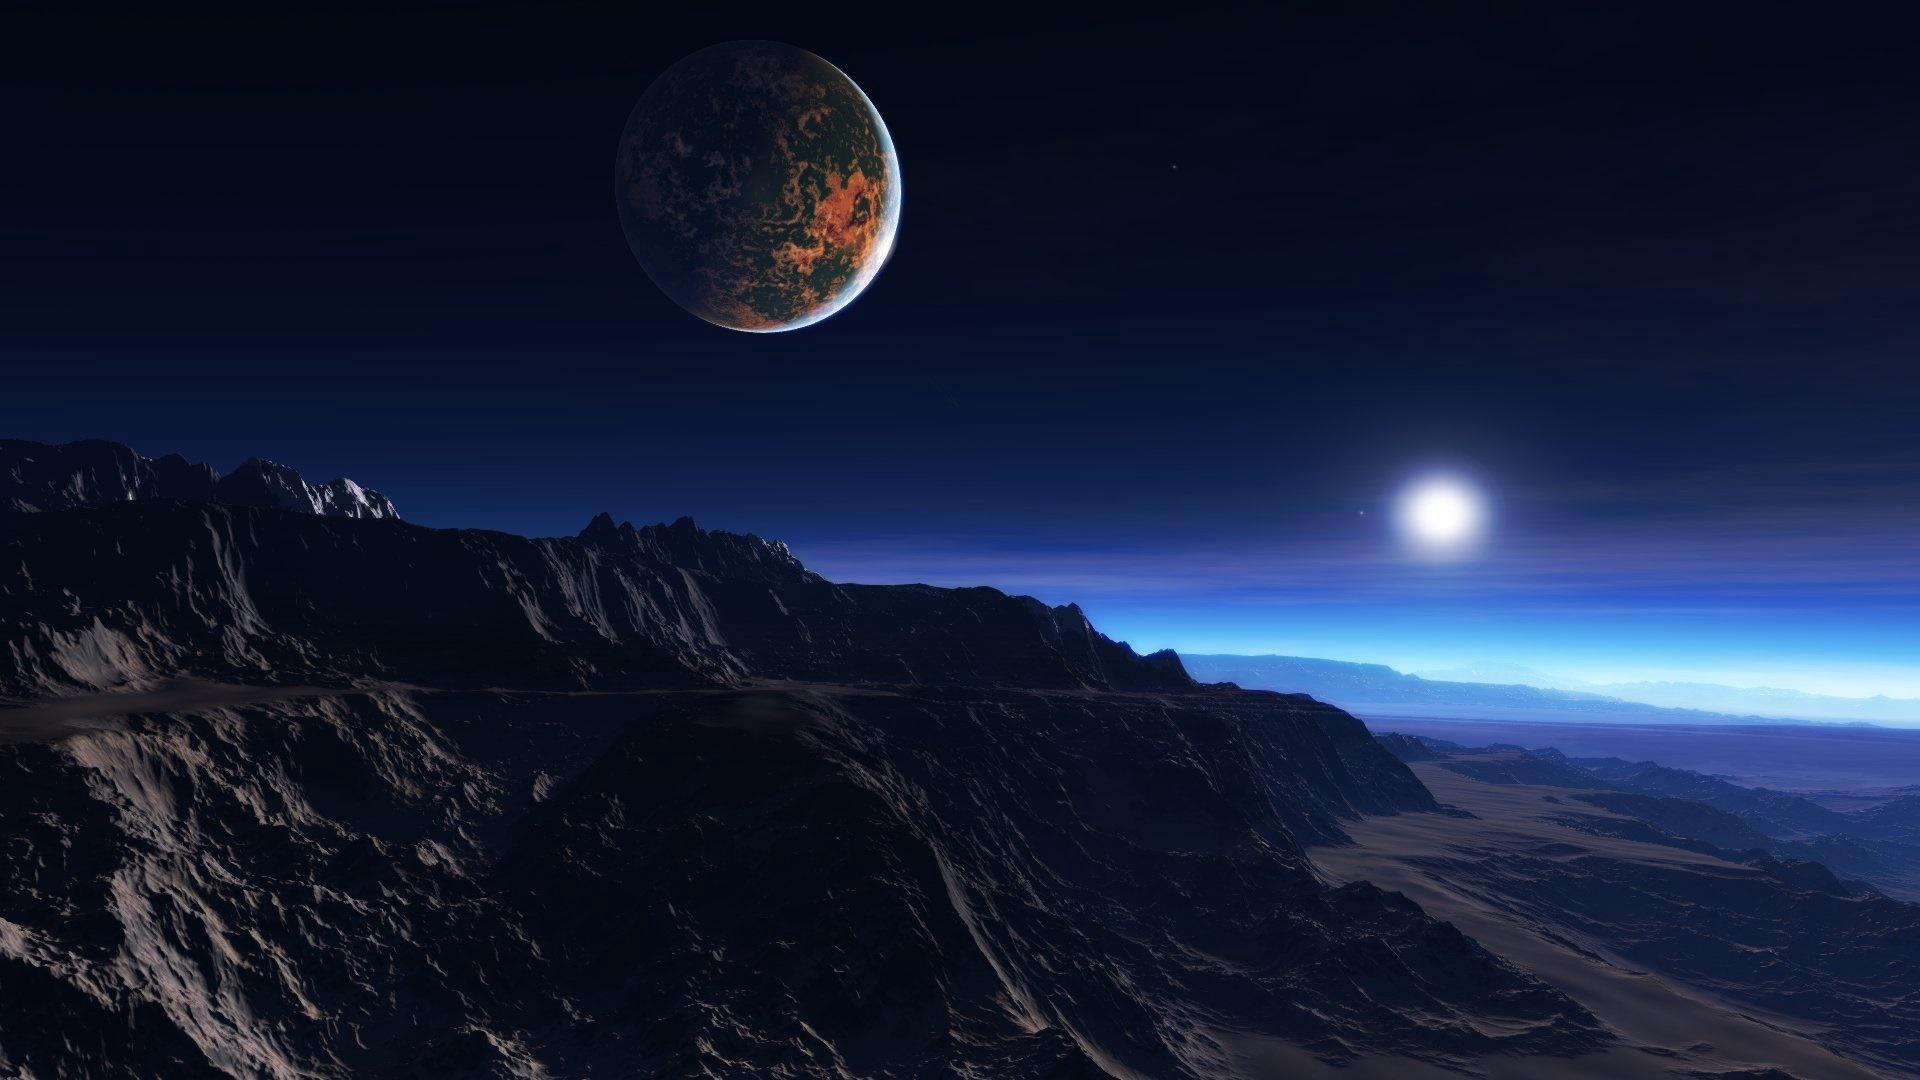 Alien planet scifi art wallpaper